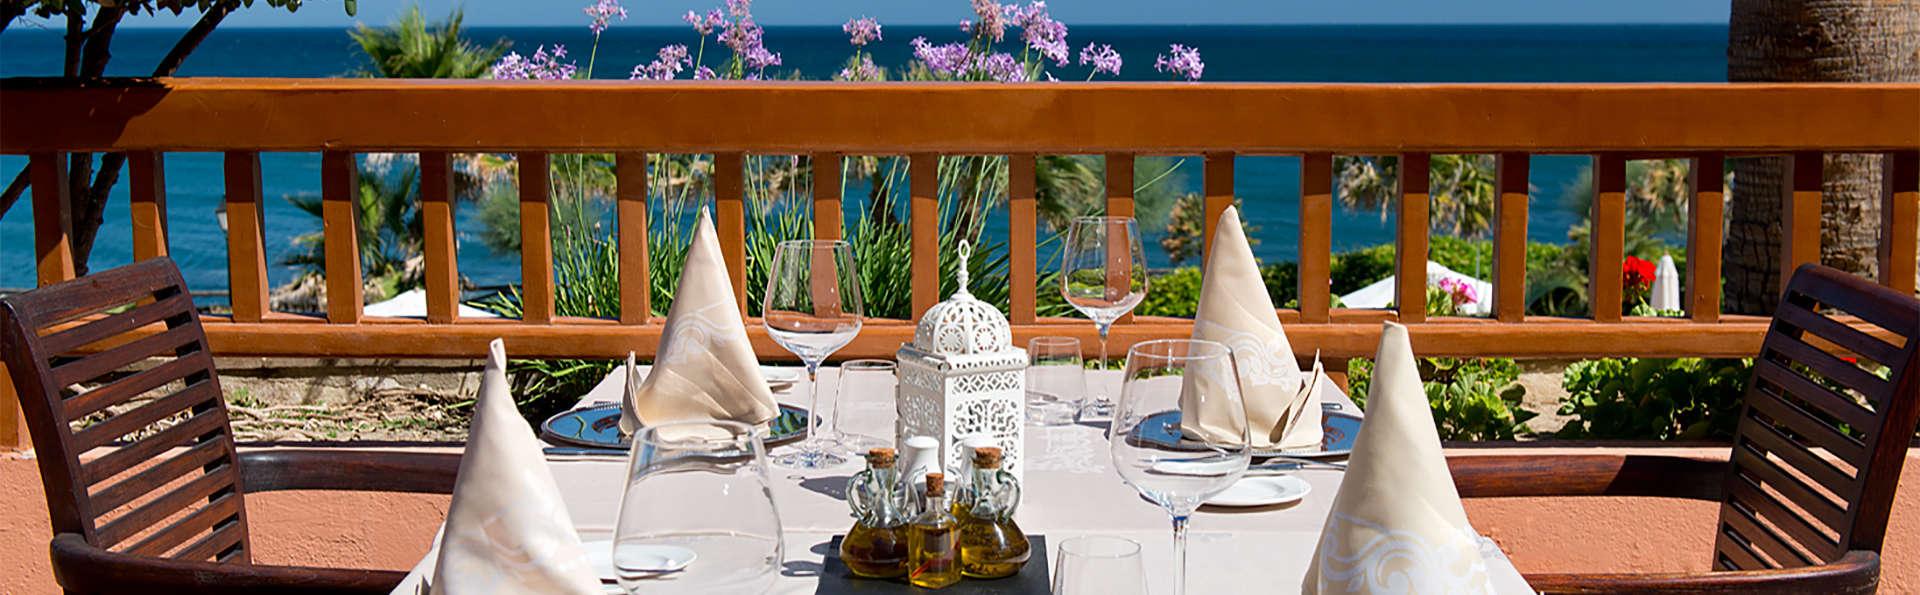 Mini séjour en Thalasso: Un luxe en face de la mer à Estepona (à partir de 3 nuits)